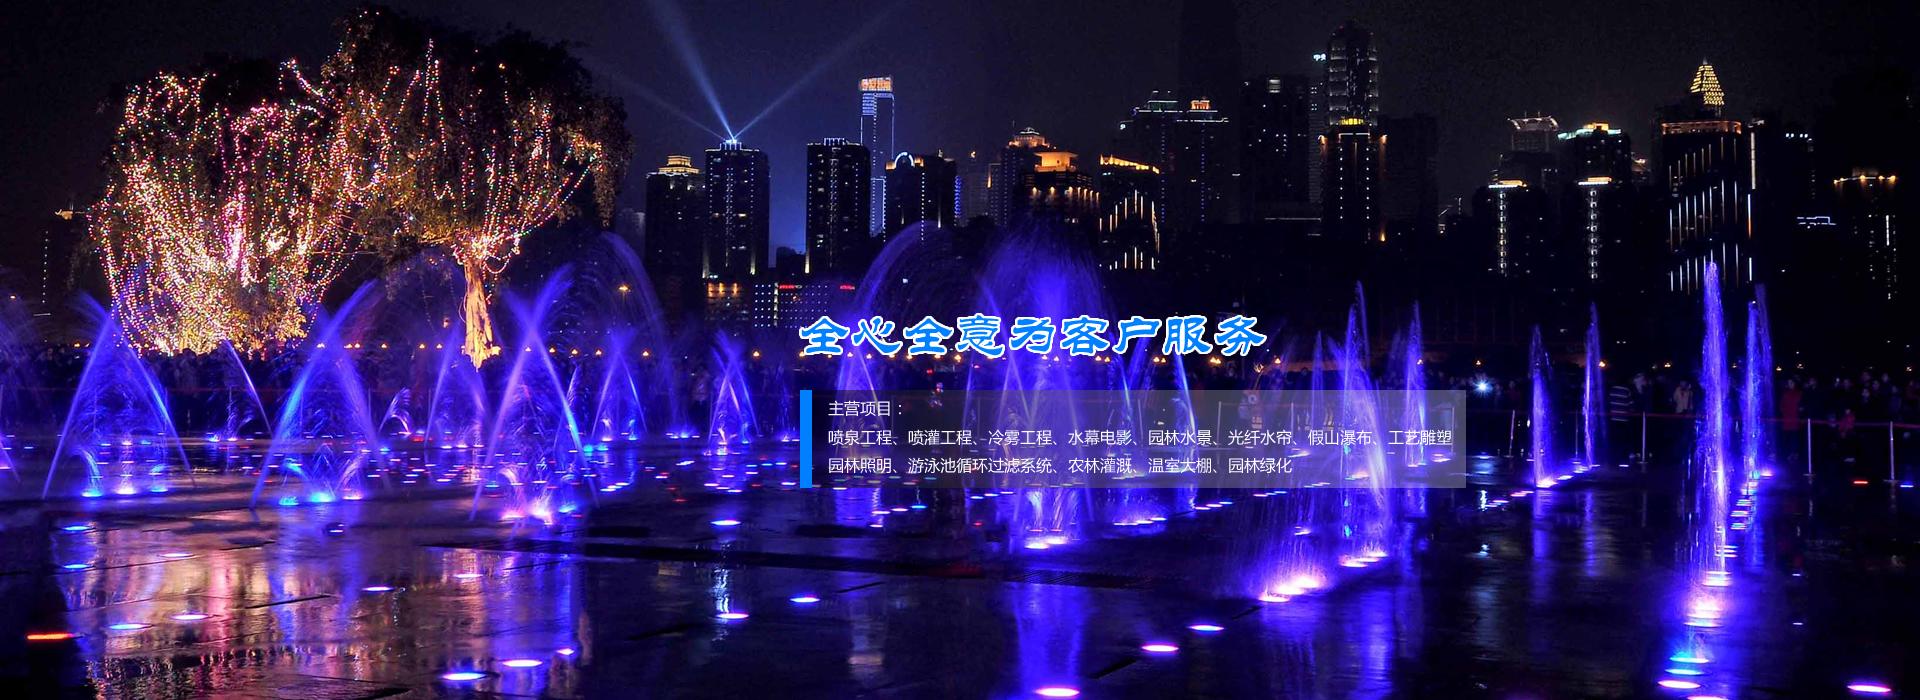 南宁喷灌设备,南宁喷泉公司,南宁广场喷泉,广西喷灌设备